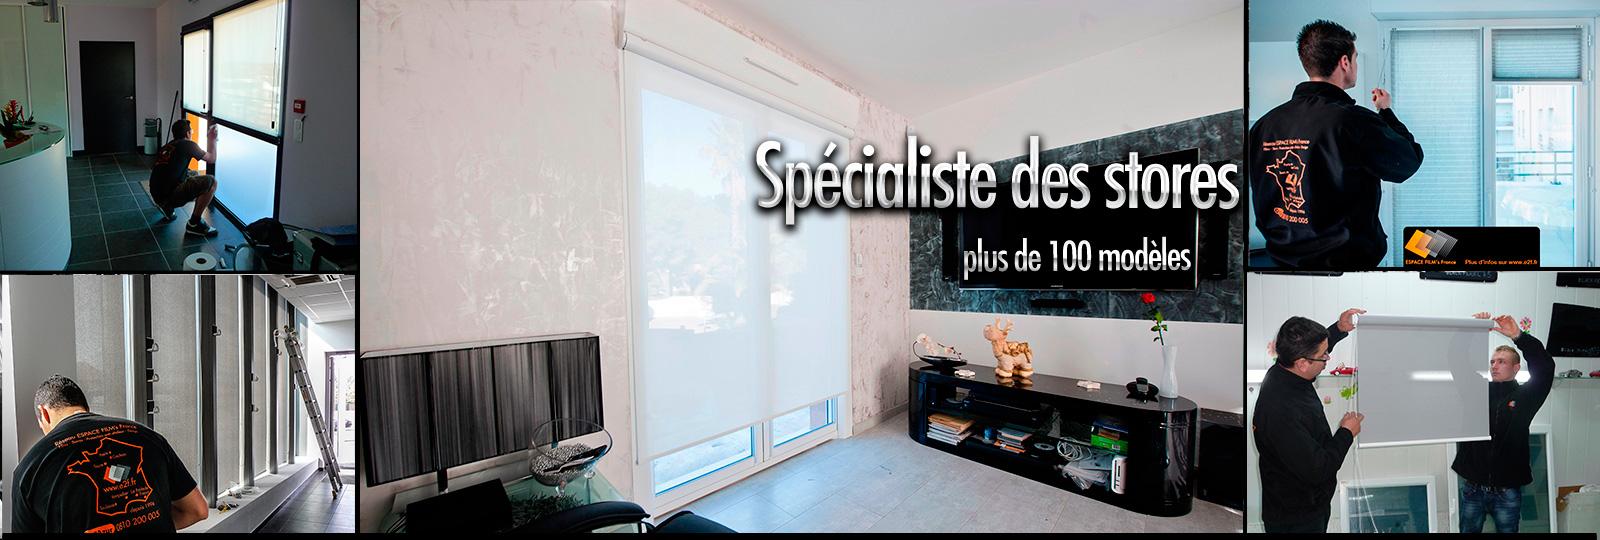 Specialiste des stores à Fréjus